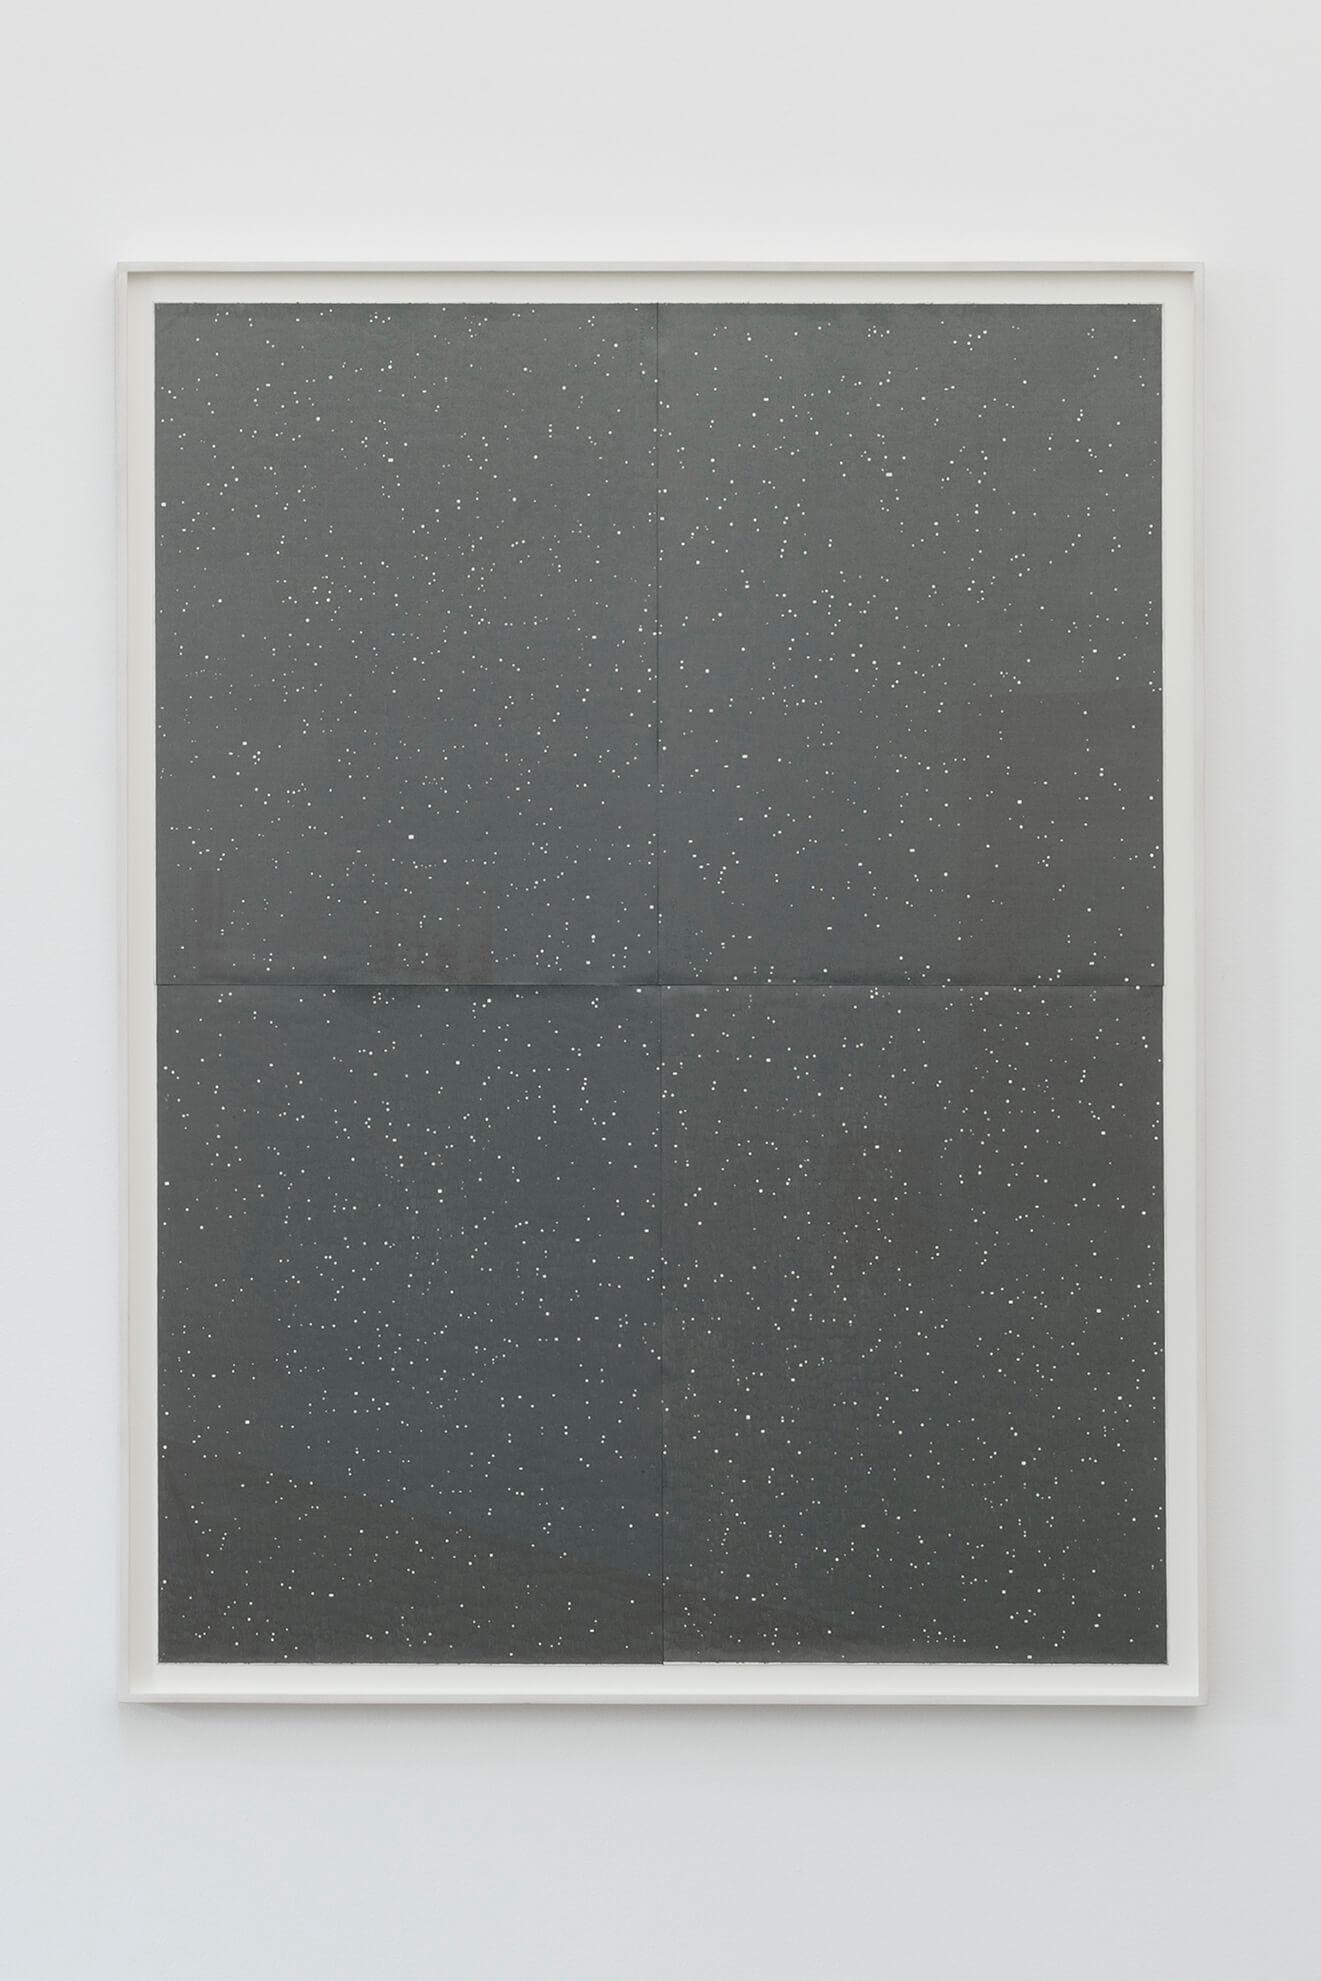 MARC NAGTZAAM.Unstable Objects, 2002 | El Museu Imaginari / El Museo Imaginario / The Imaginary Museum | ProjecteSD